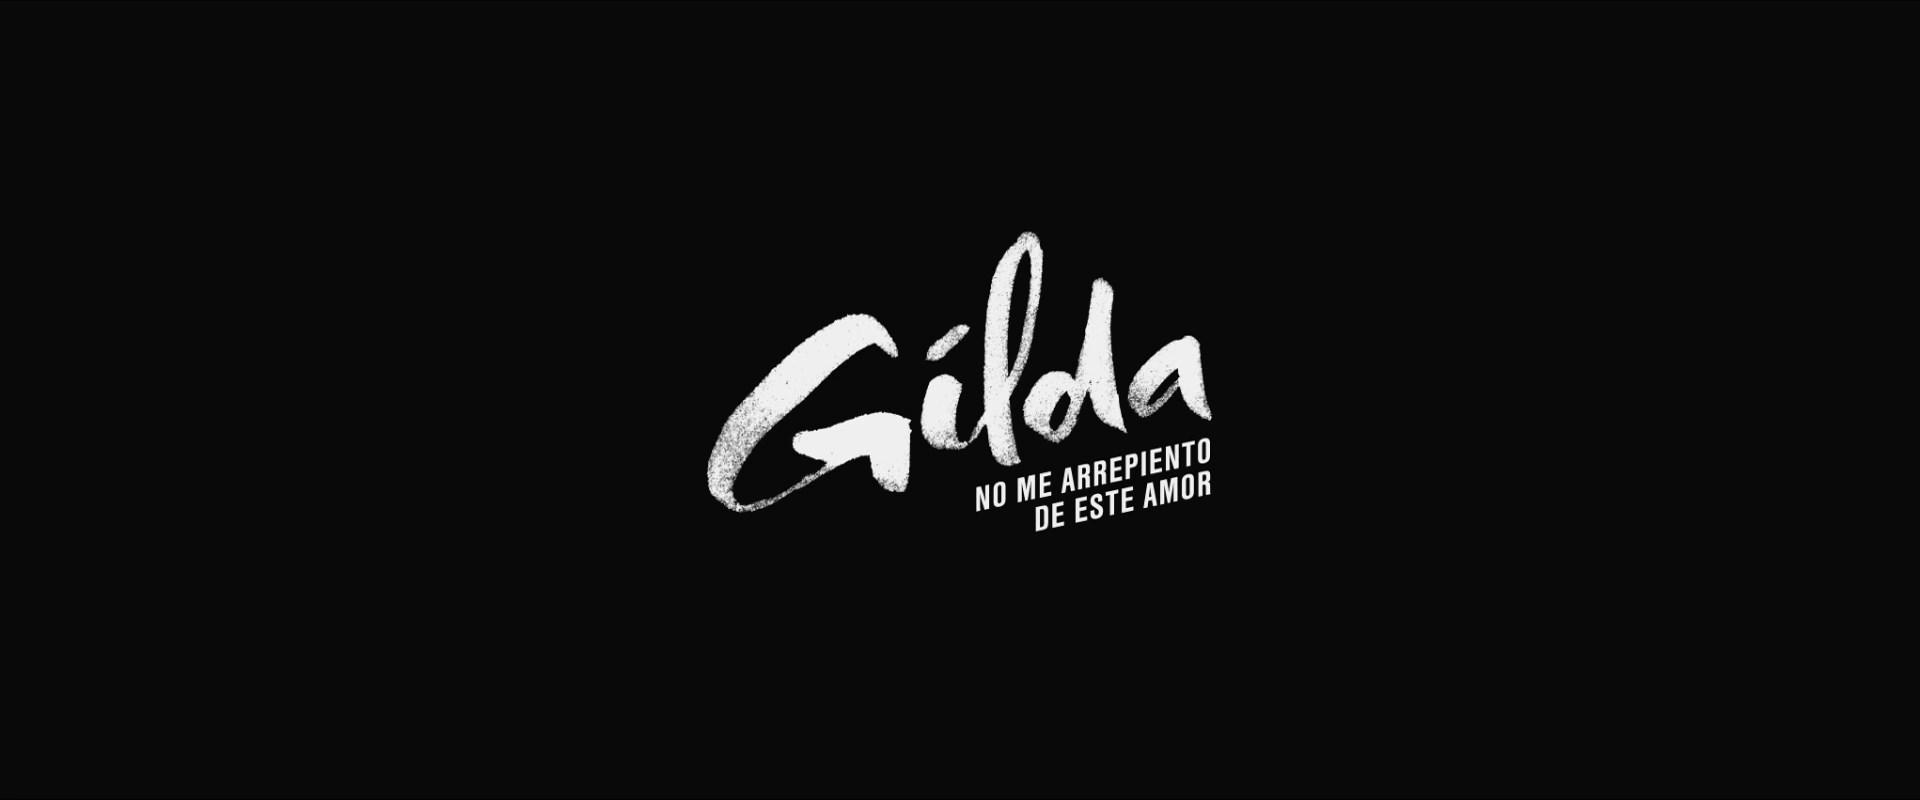 Gilda no me arrepiento de este amor (2016) 1080p WEB-DL AMZN Latino